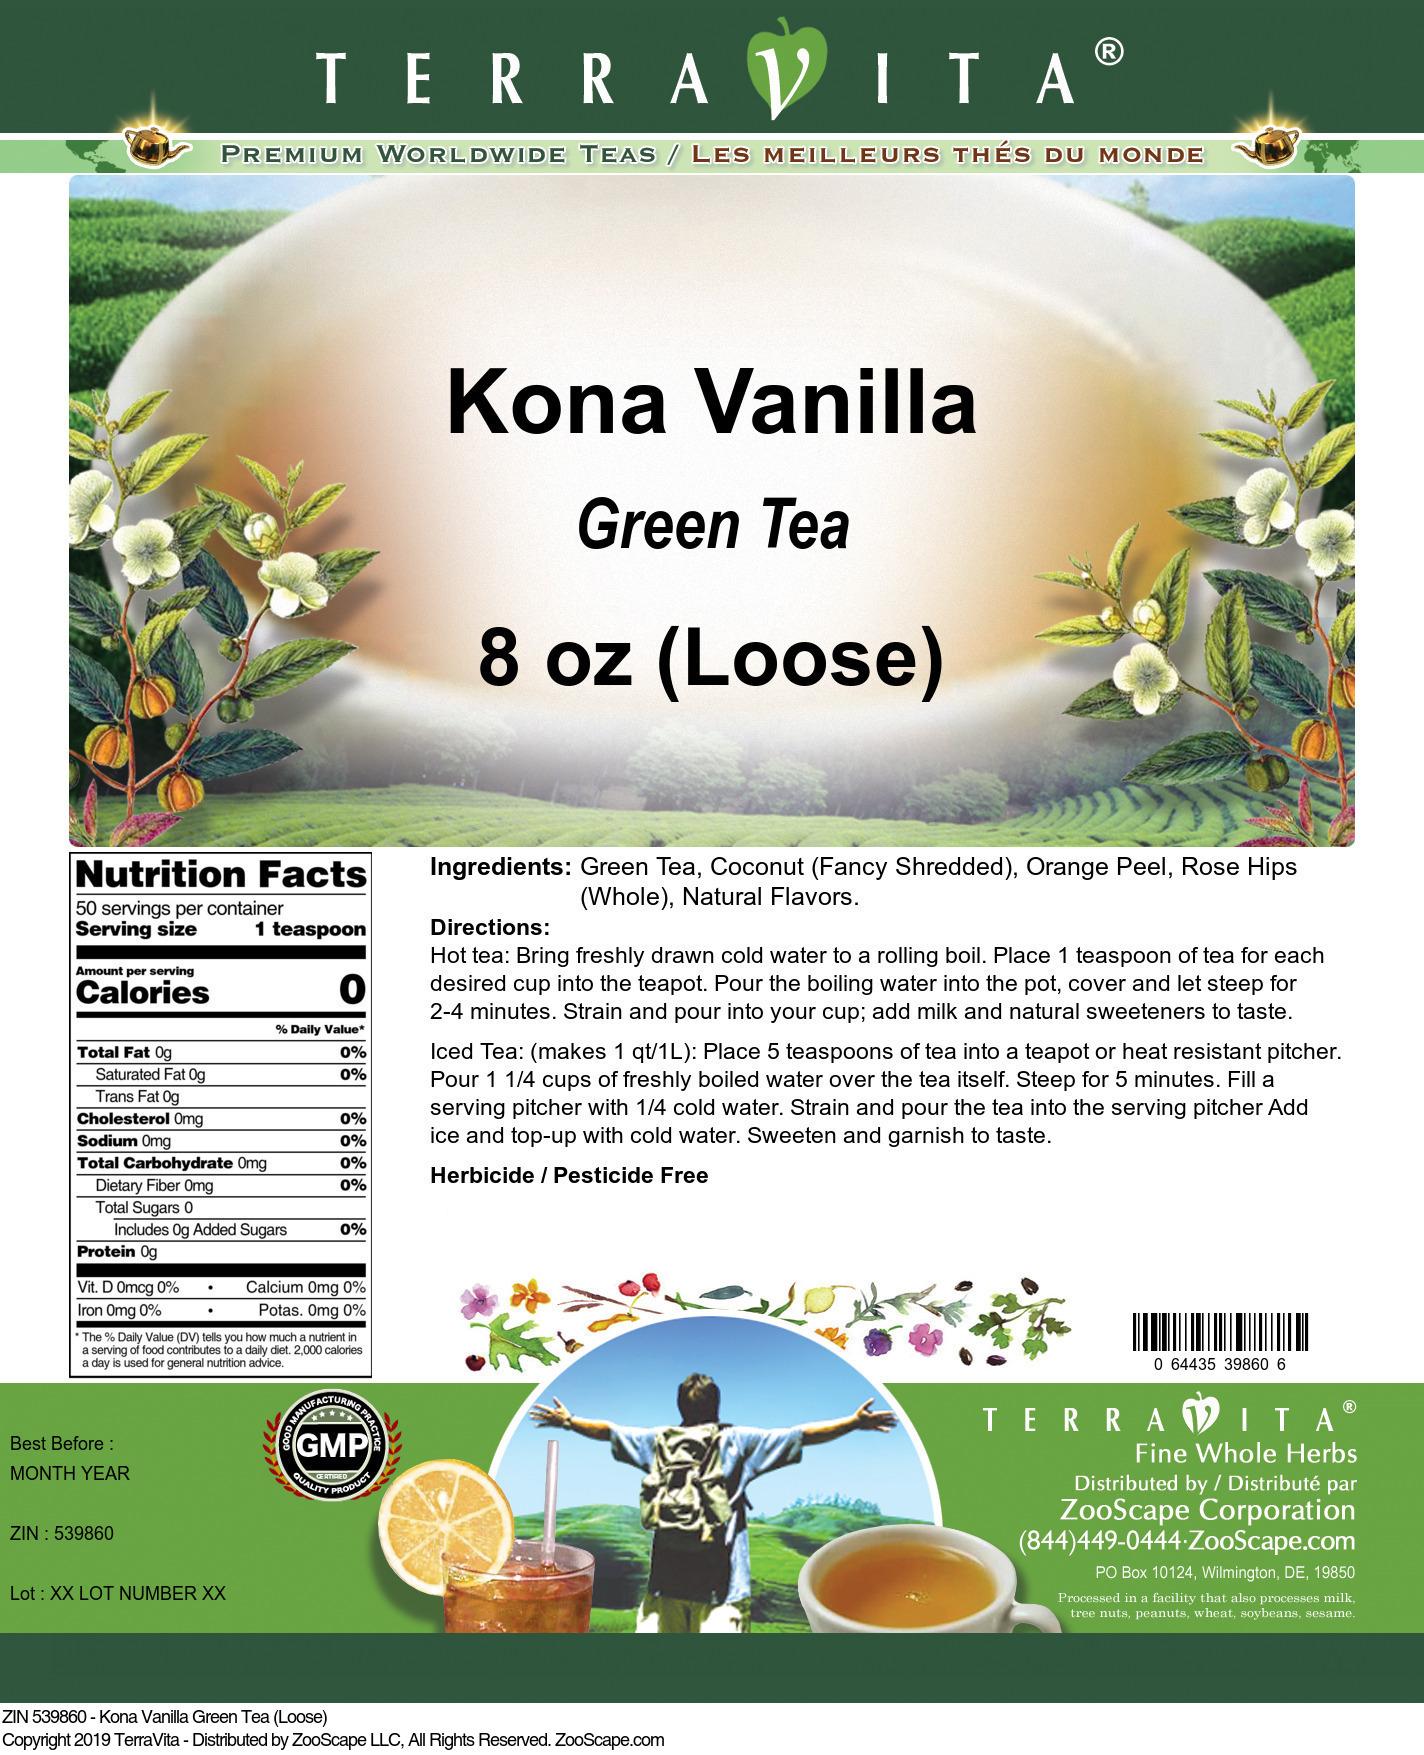 Kona Vanilla Green Tea